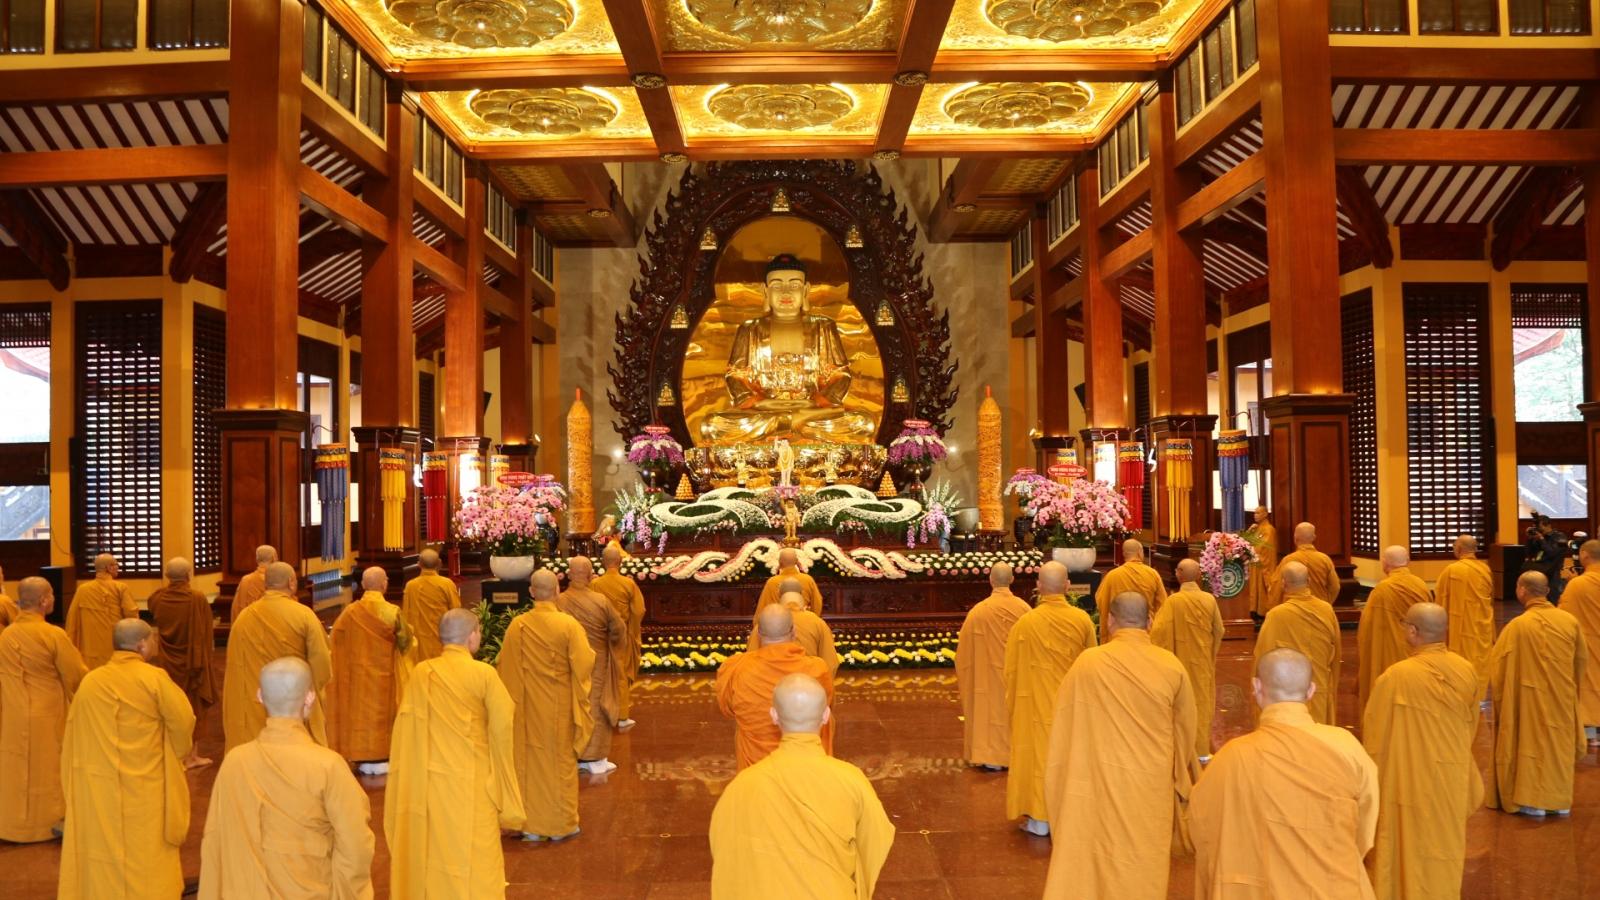 Giáo hội Phật giáo TP. HCM tổ chức Đại lễ Phật đản phù hợp chống dịch